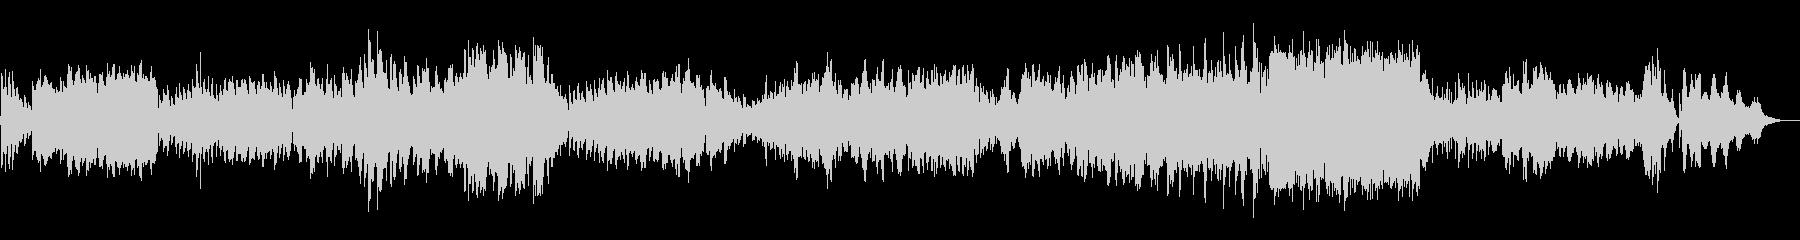 エレジー チェロとピアノ フォーレの未再生の波形